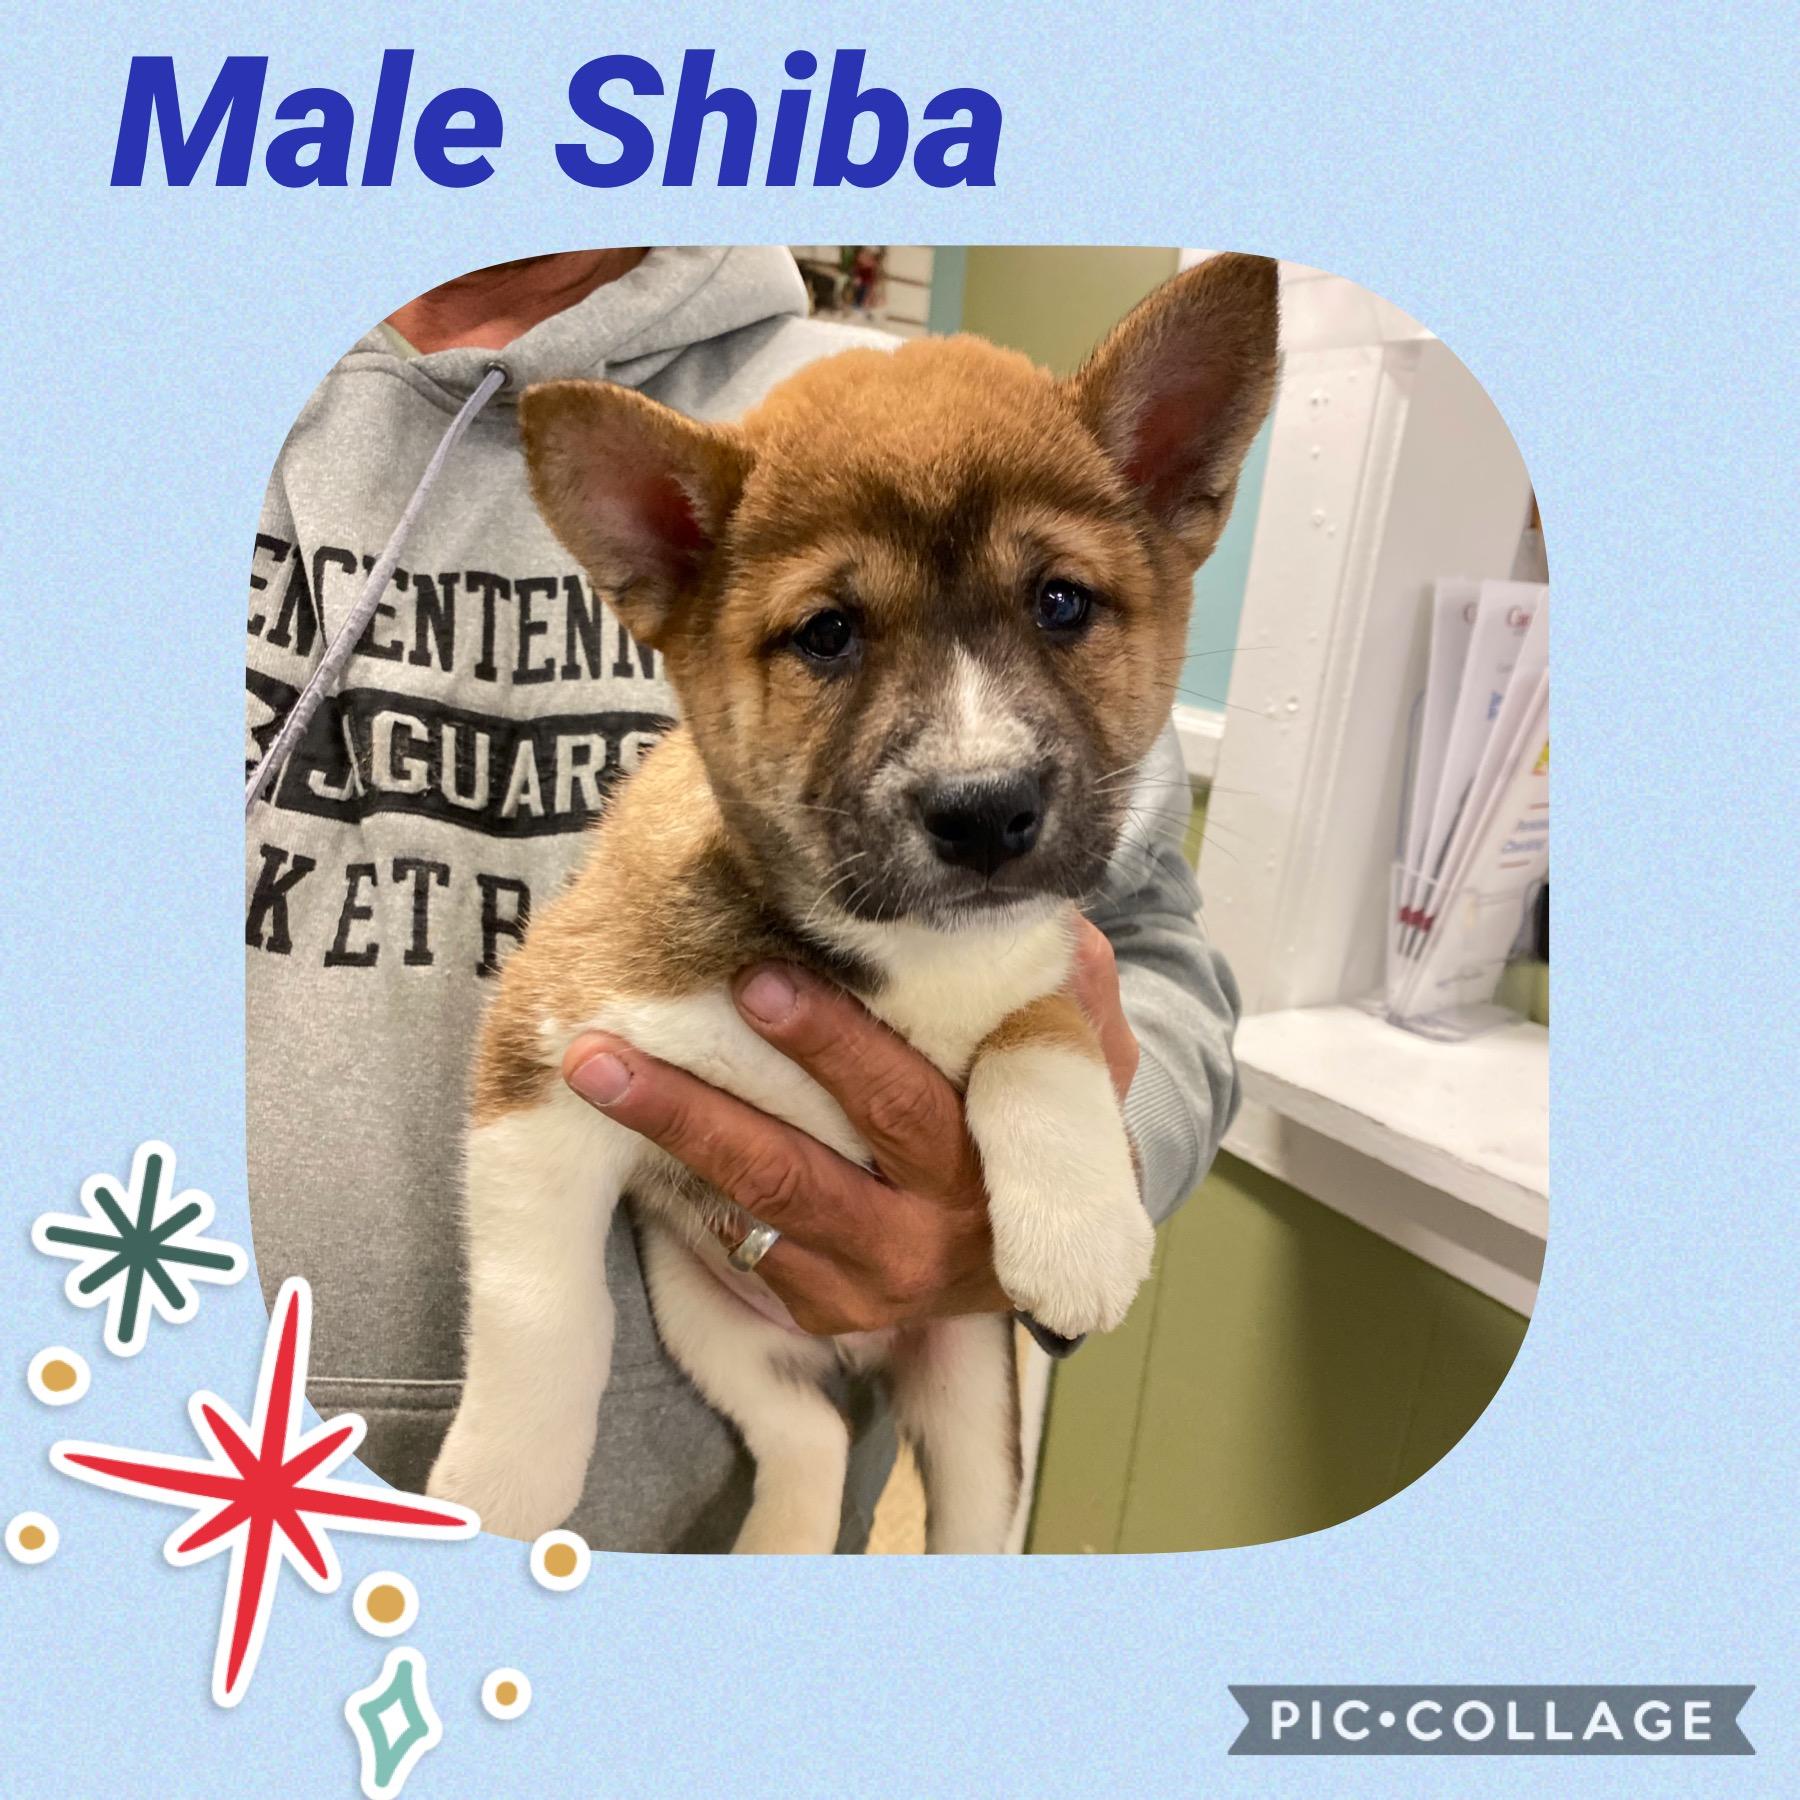 Male Shiba